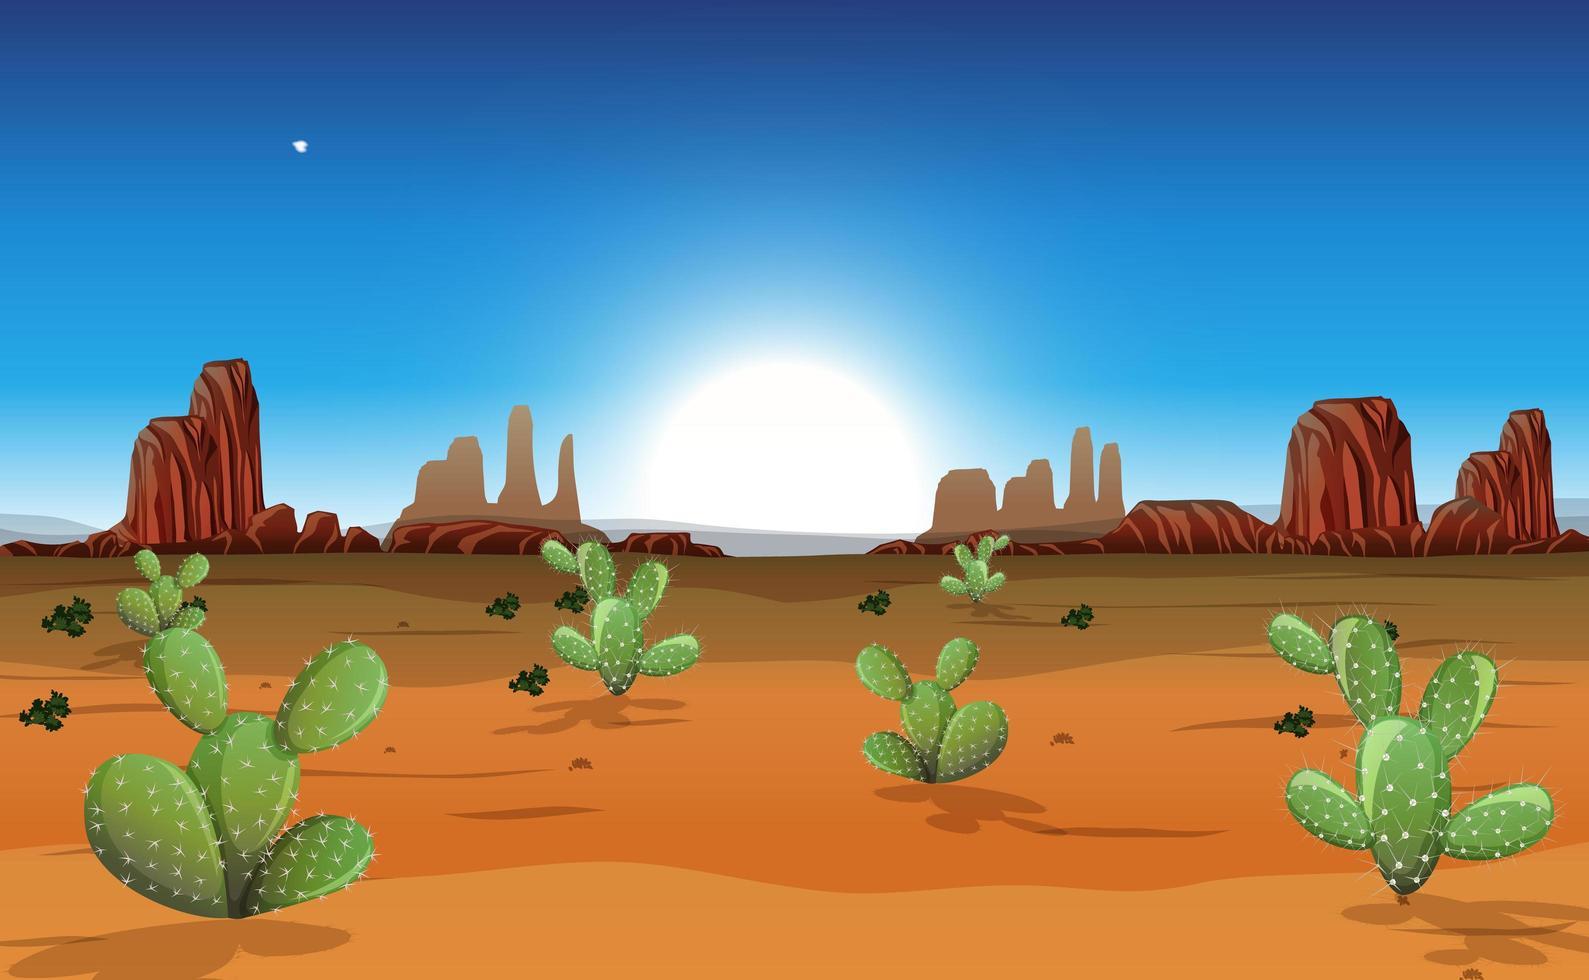 désert avec montagnes rocheuses et paysage de cactus à la scène de jour vecteur